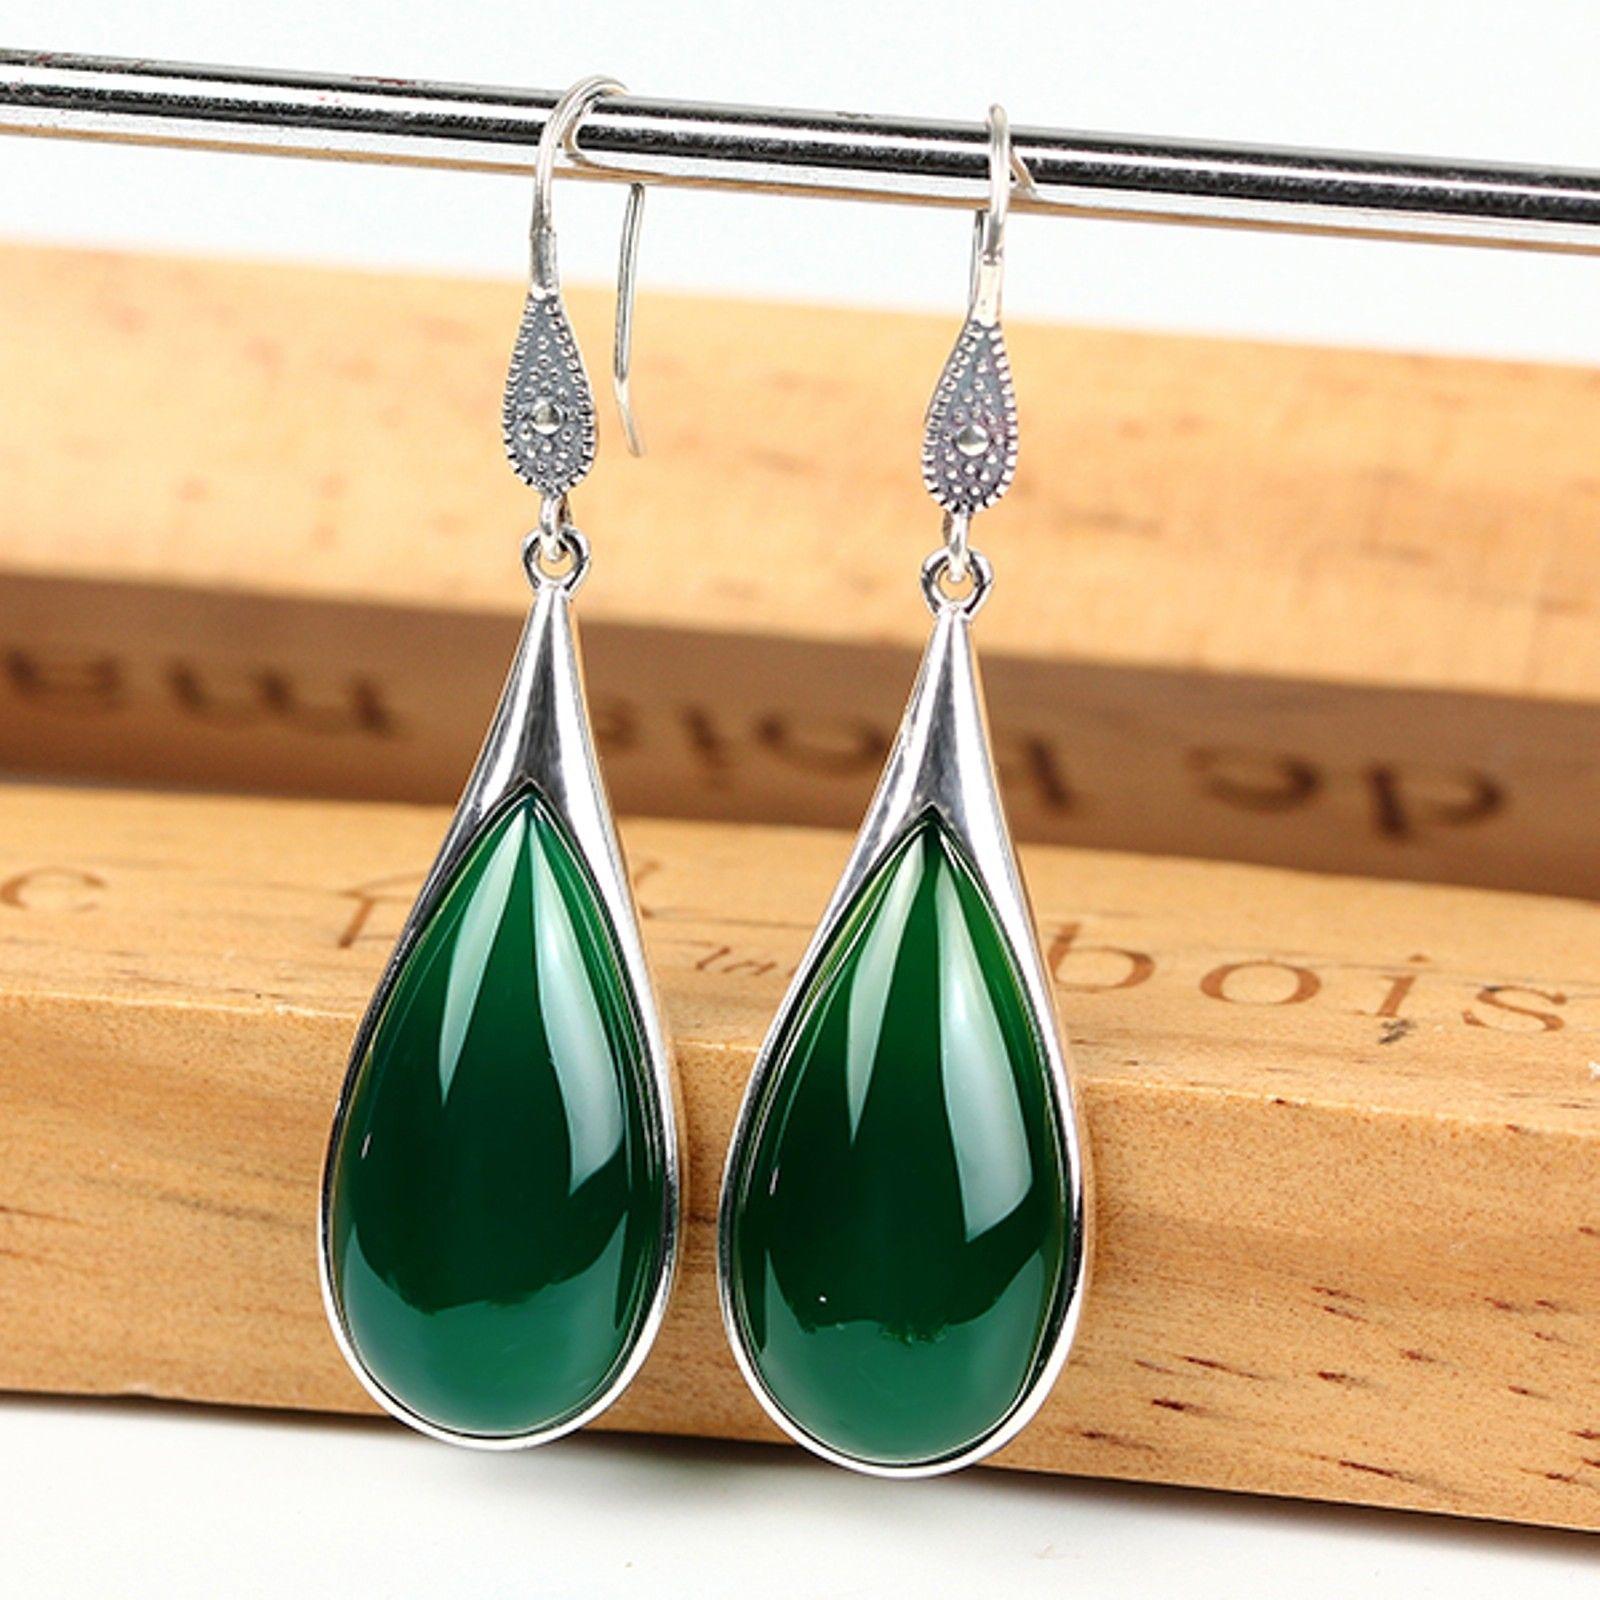 Nowy w stylu Vintage, szterling S925 srebrny zielony agat szczęście wypadania Dangle kolczyki w Kolczyki od Biżuteria i akcesoria na  Grupa 1